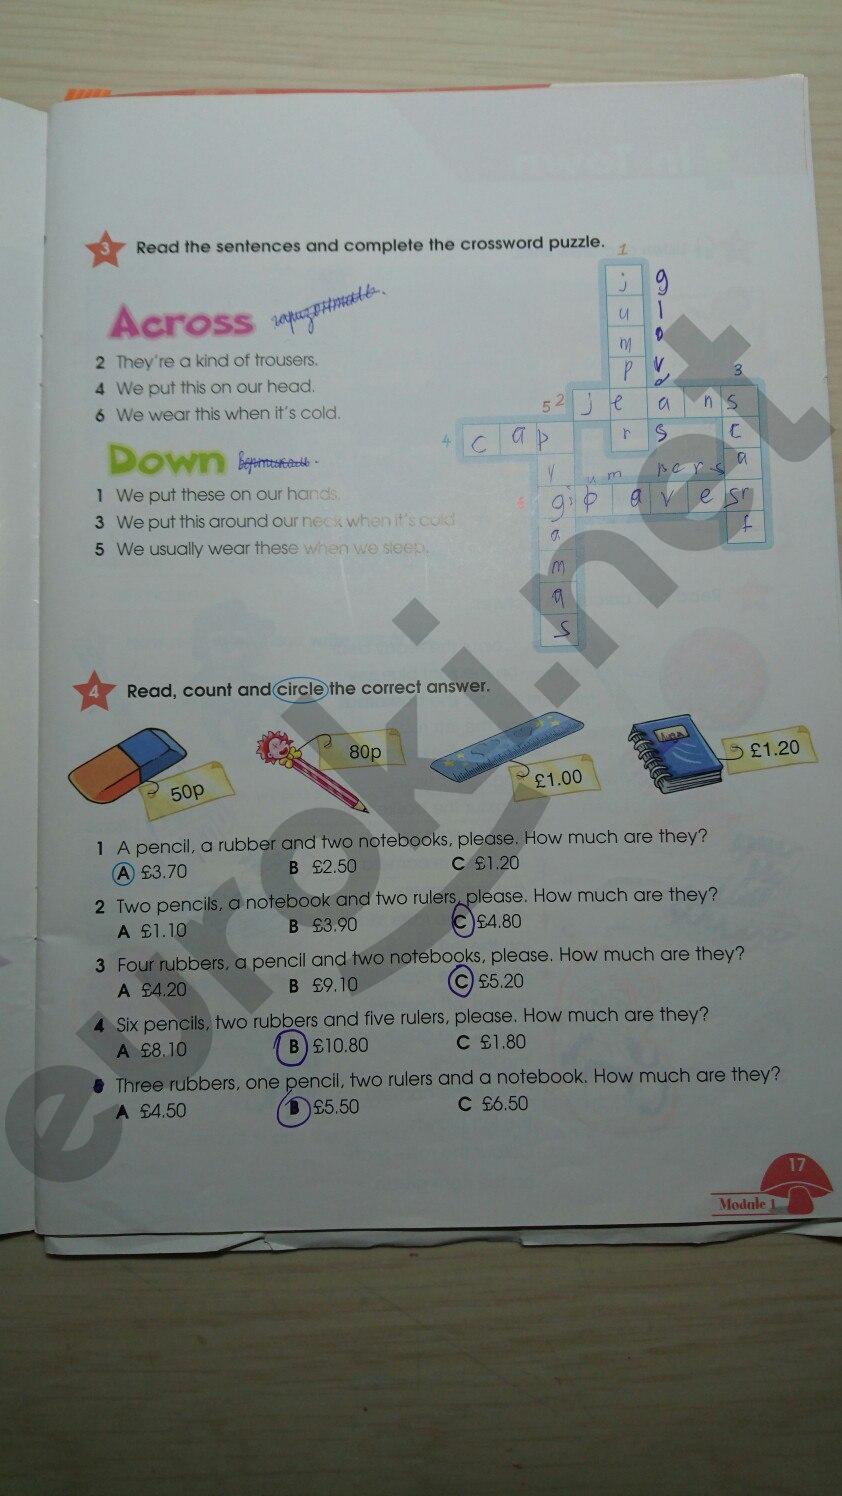 Решебник по английскому языку 3 класс баранова рабочая тетрадь